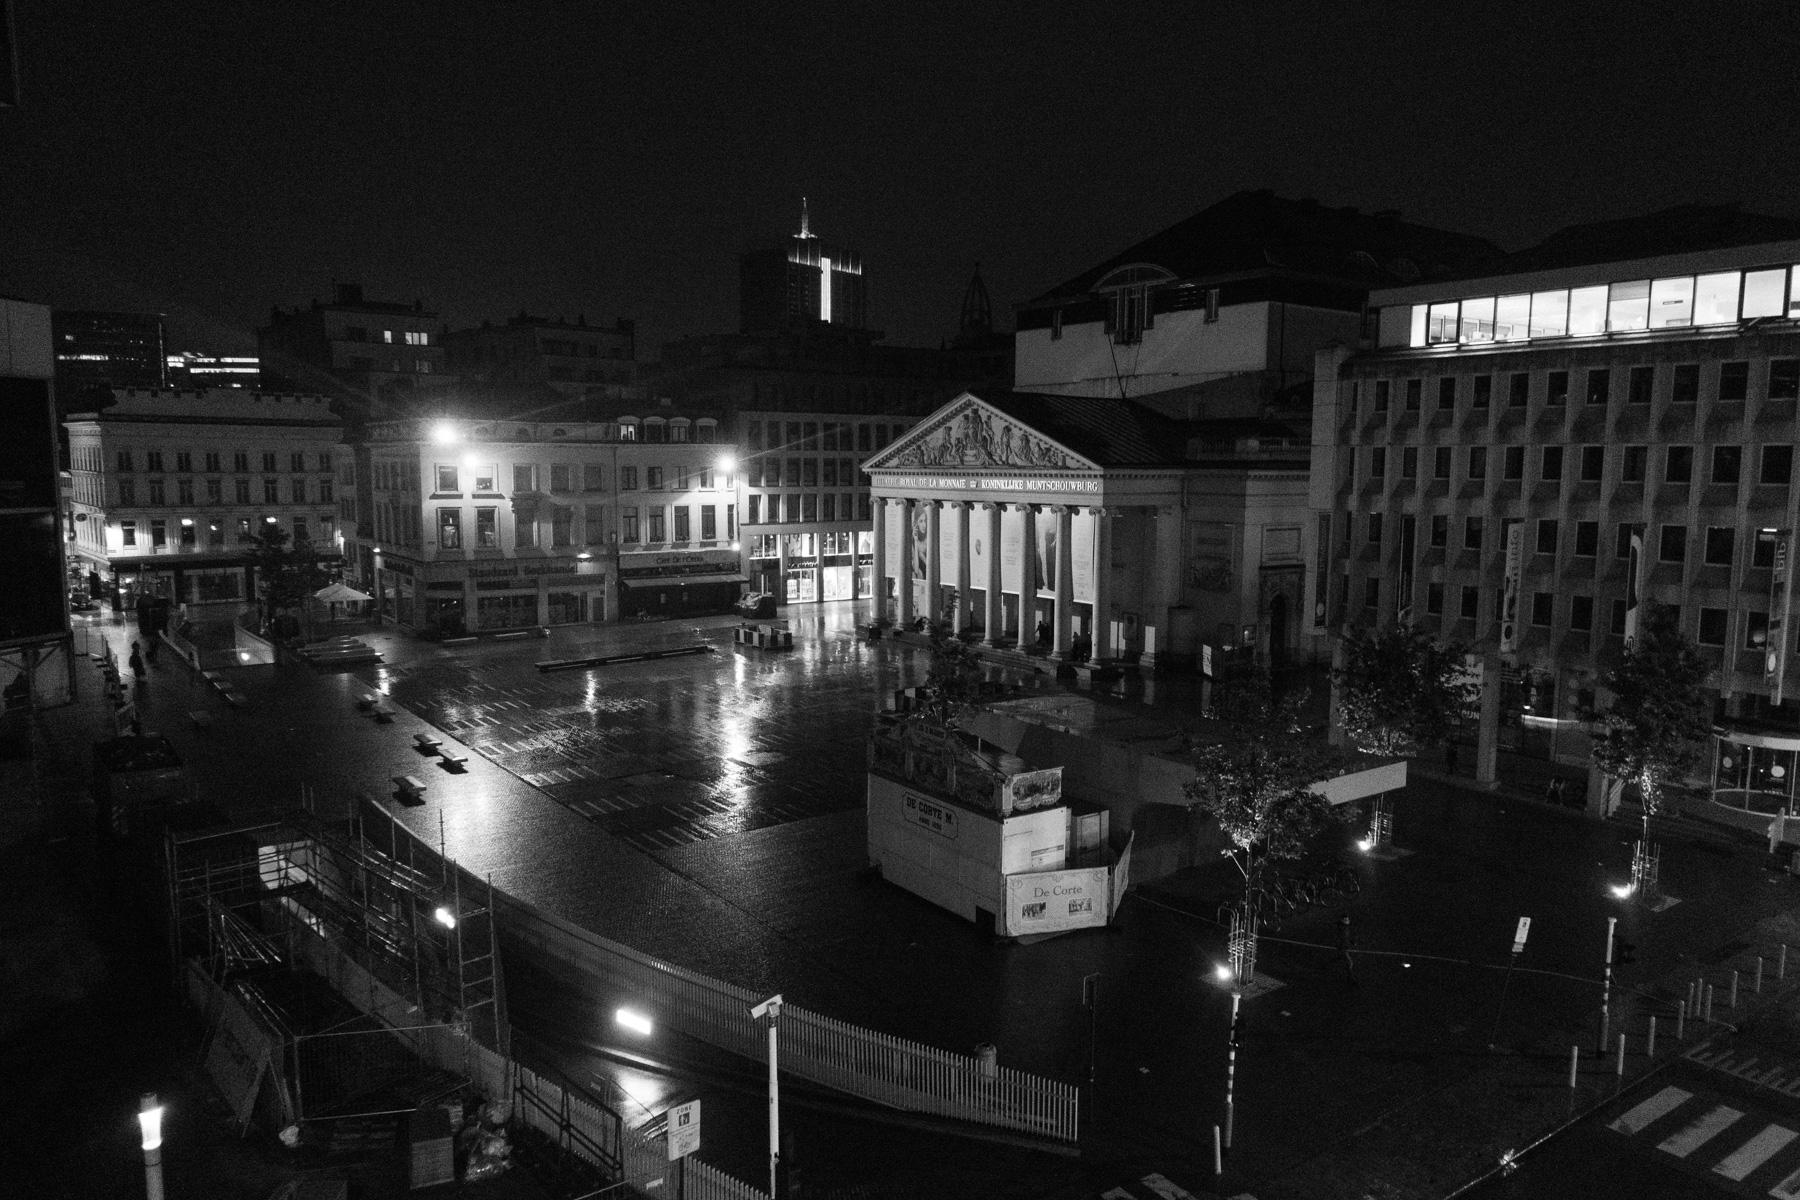 Night time views